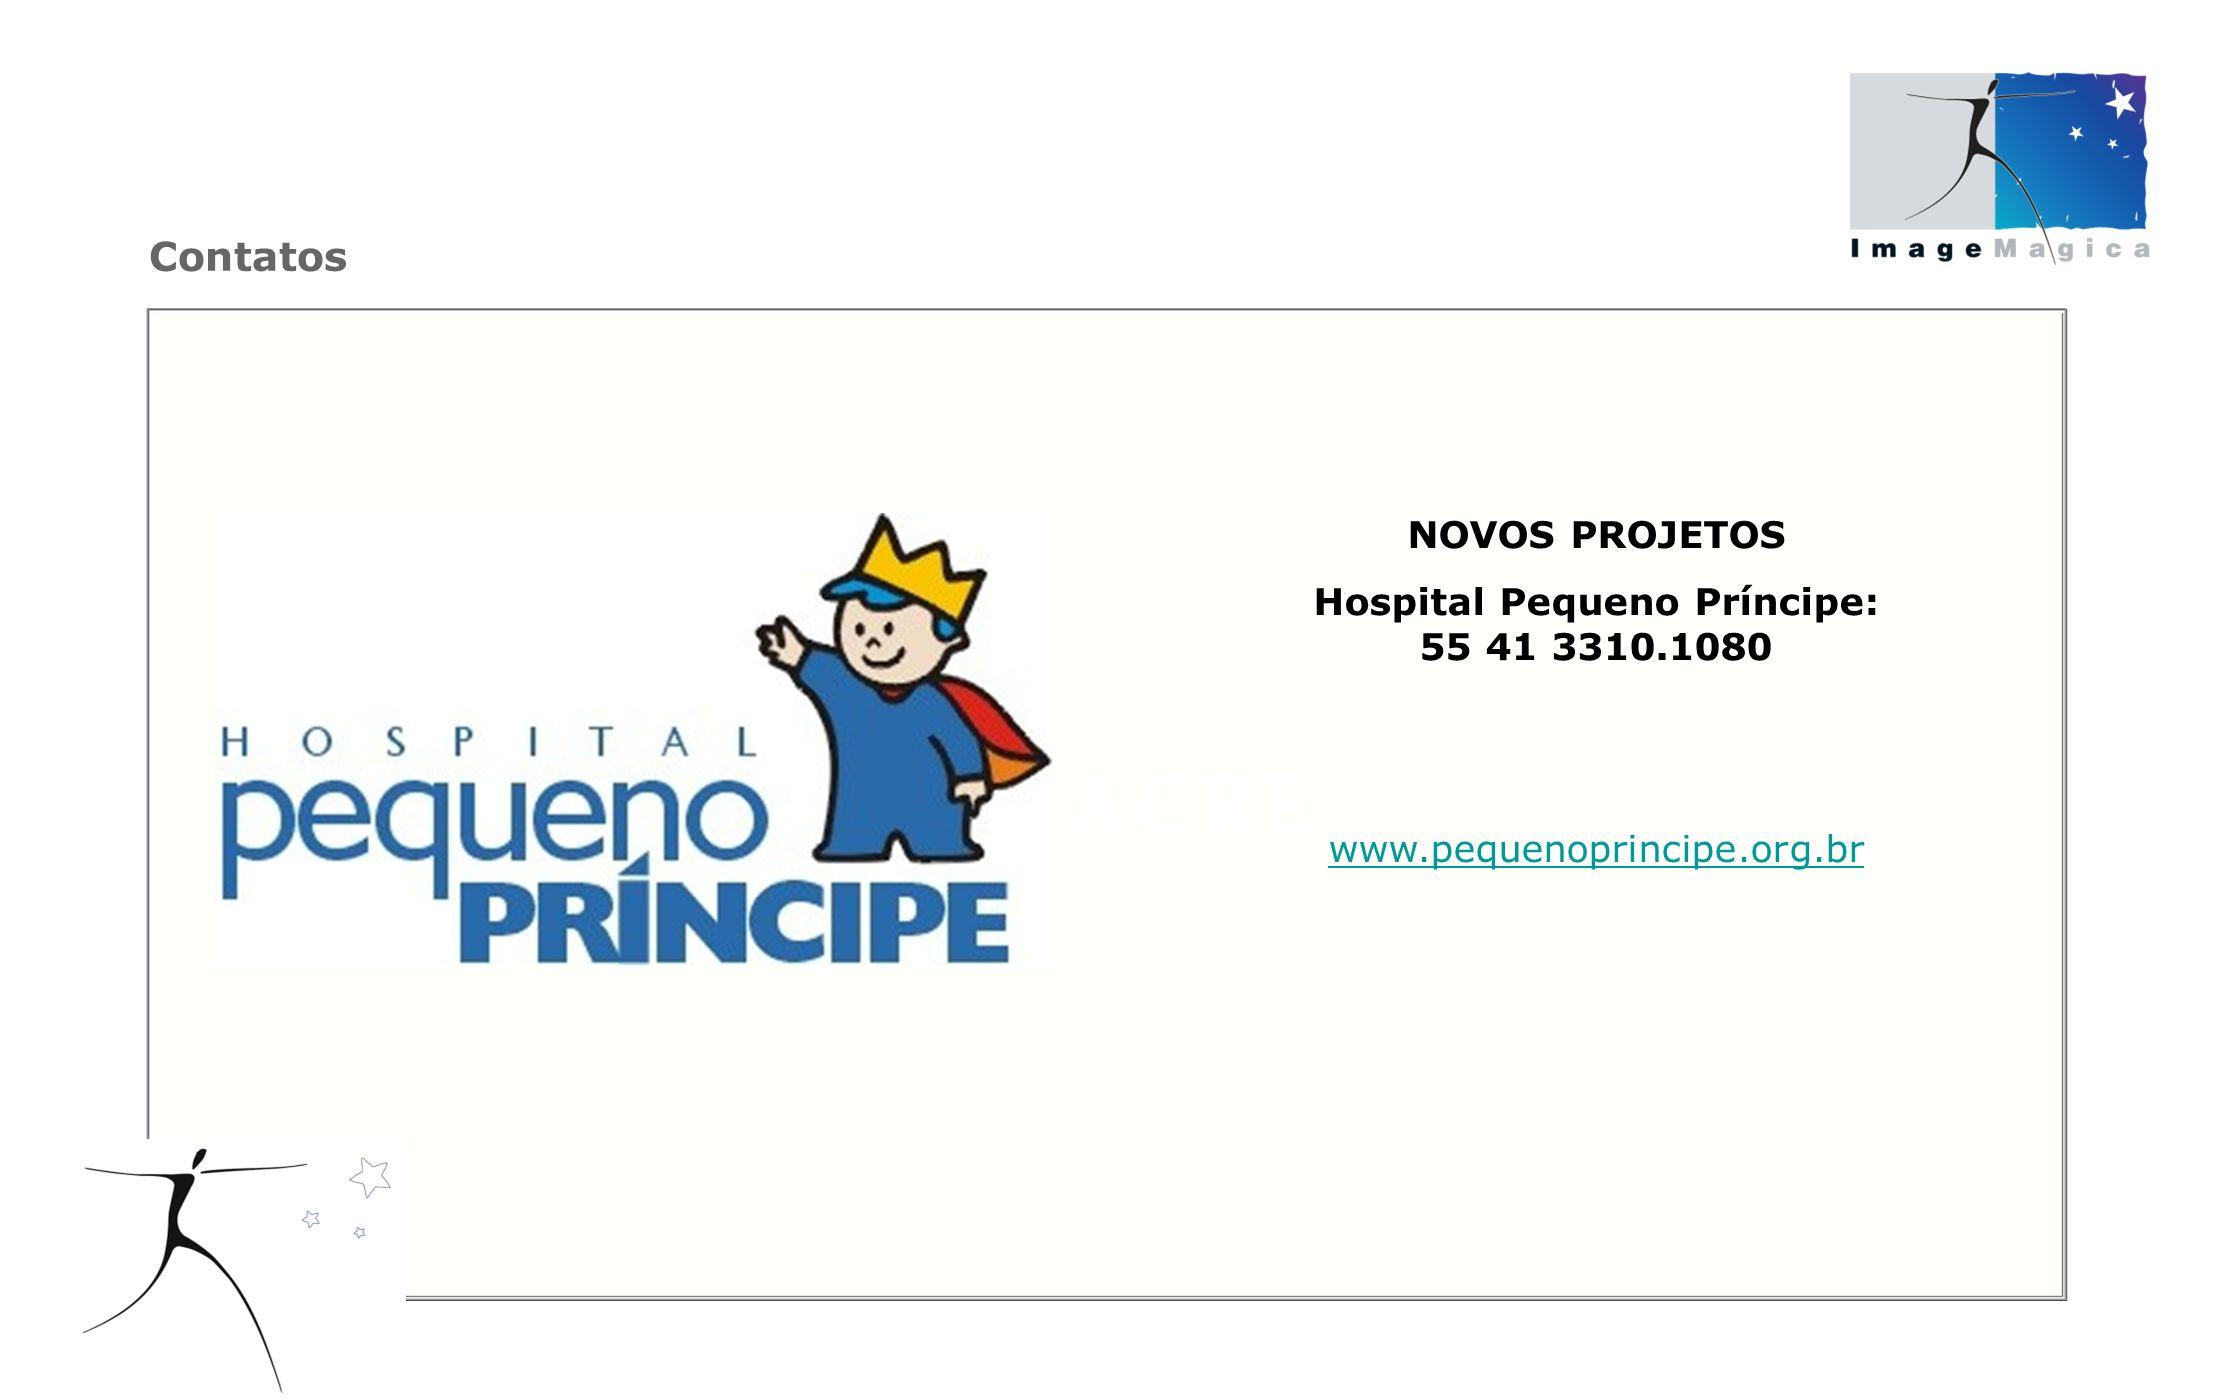 Hospital Pequeno Príncipe: 55 41 3310.1080